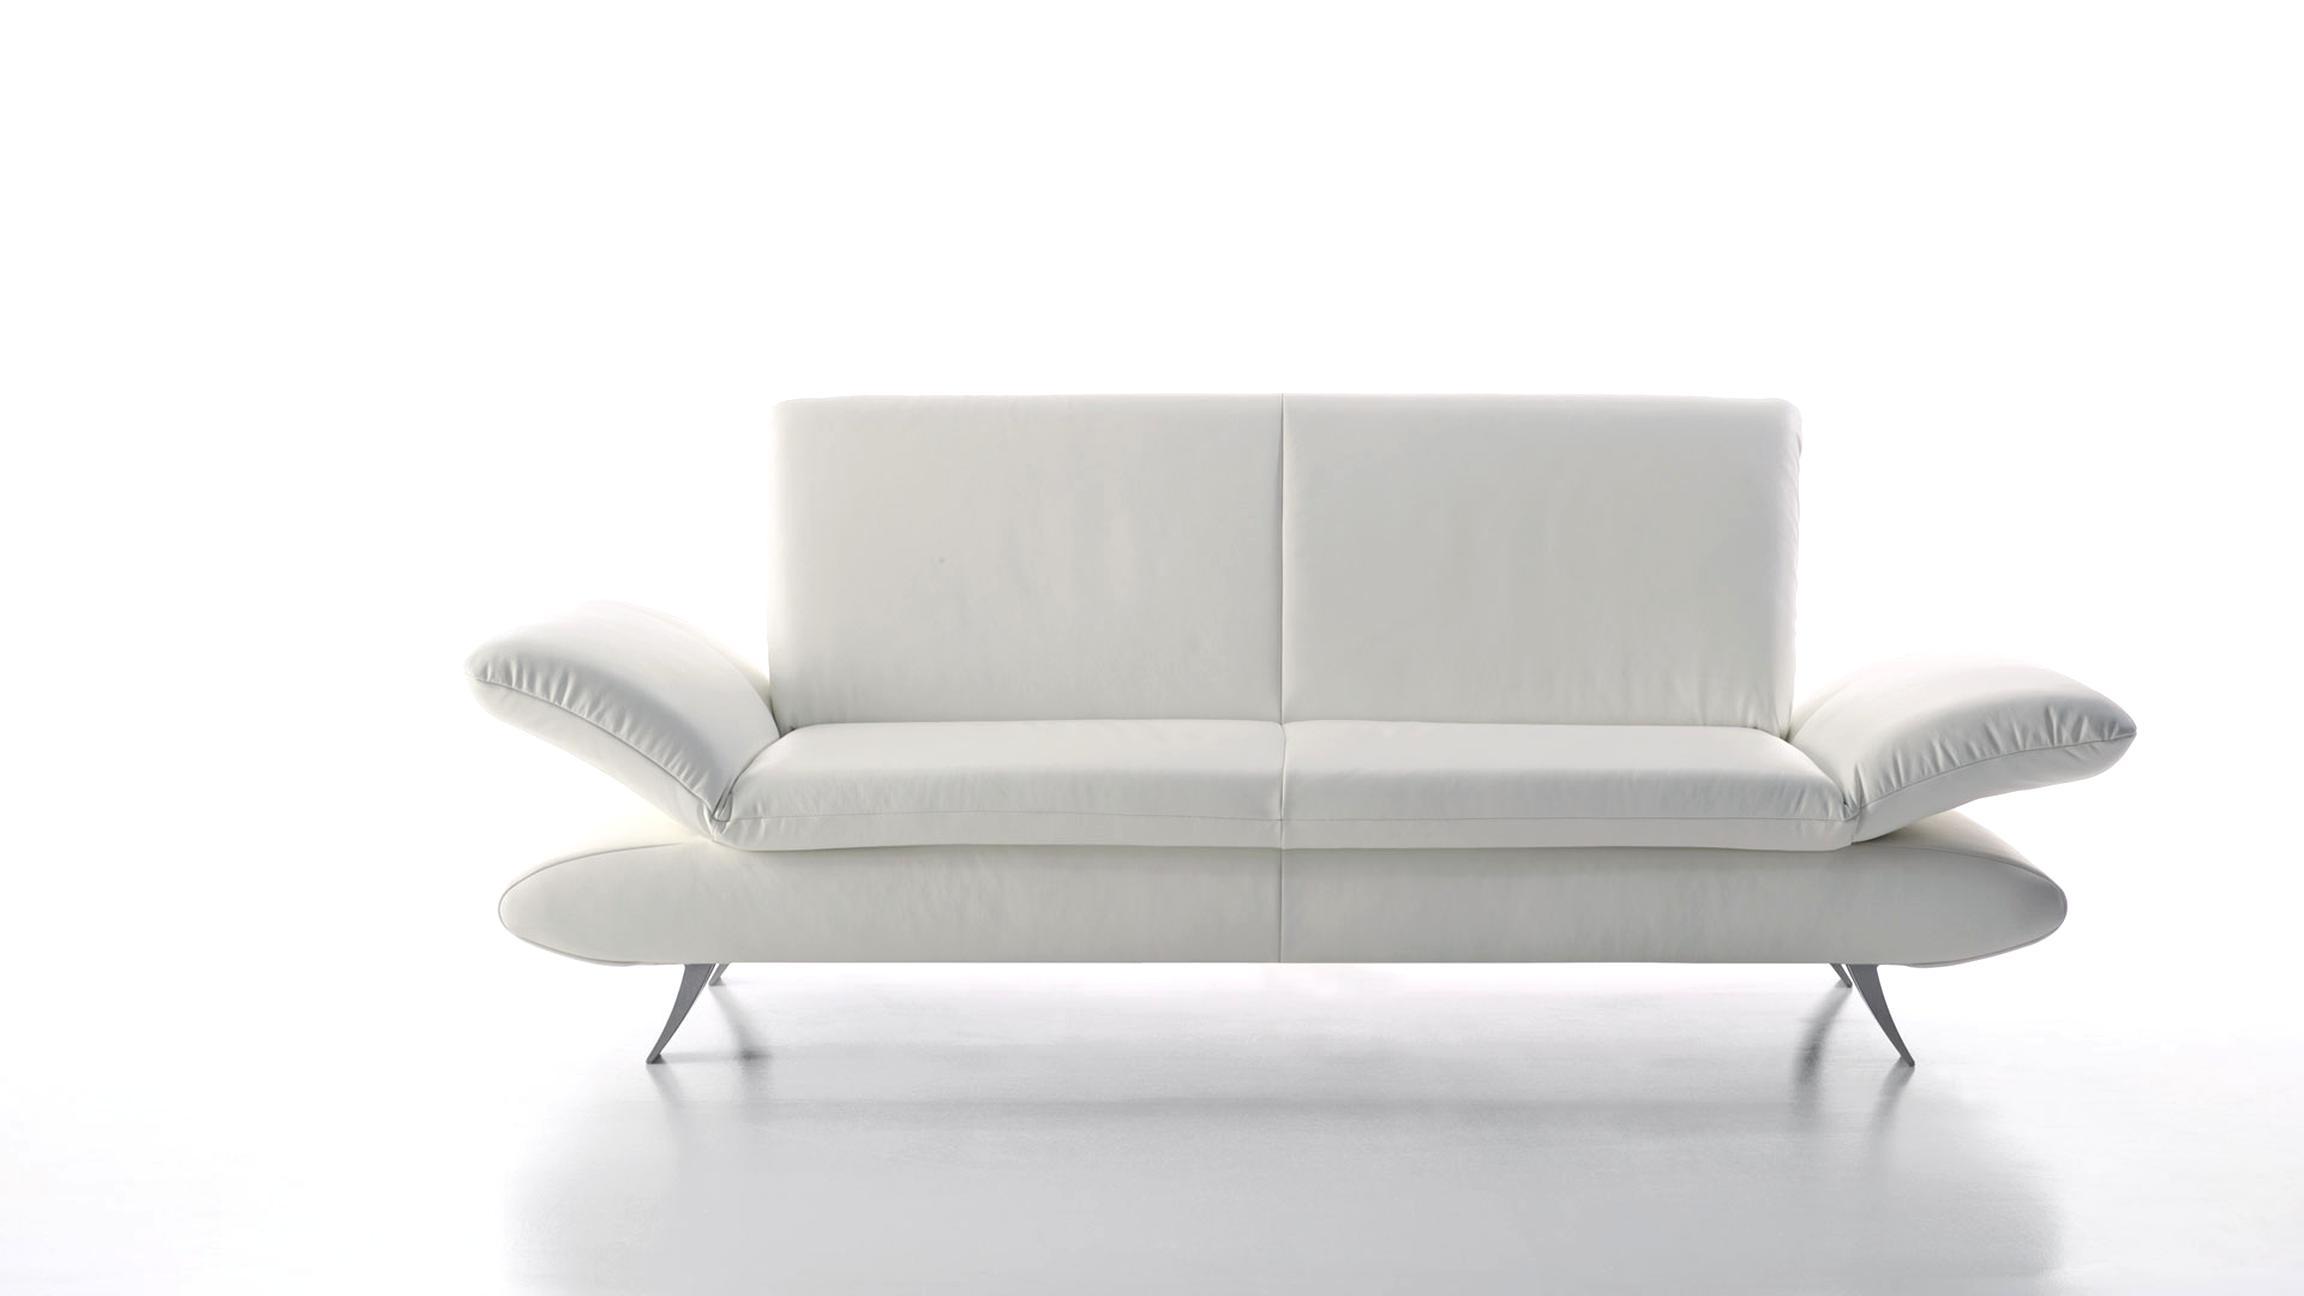 Full Size of Koinor Sofa Francis Preis Lederfarben Leder Pflege Outlet Gera Gebraucht Erfahrungen Konfigurieren Rot Braun Couch Bewertung Grau Rossini Kaufen Nur 2 St Bis Sofa Koinor Sofa